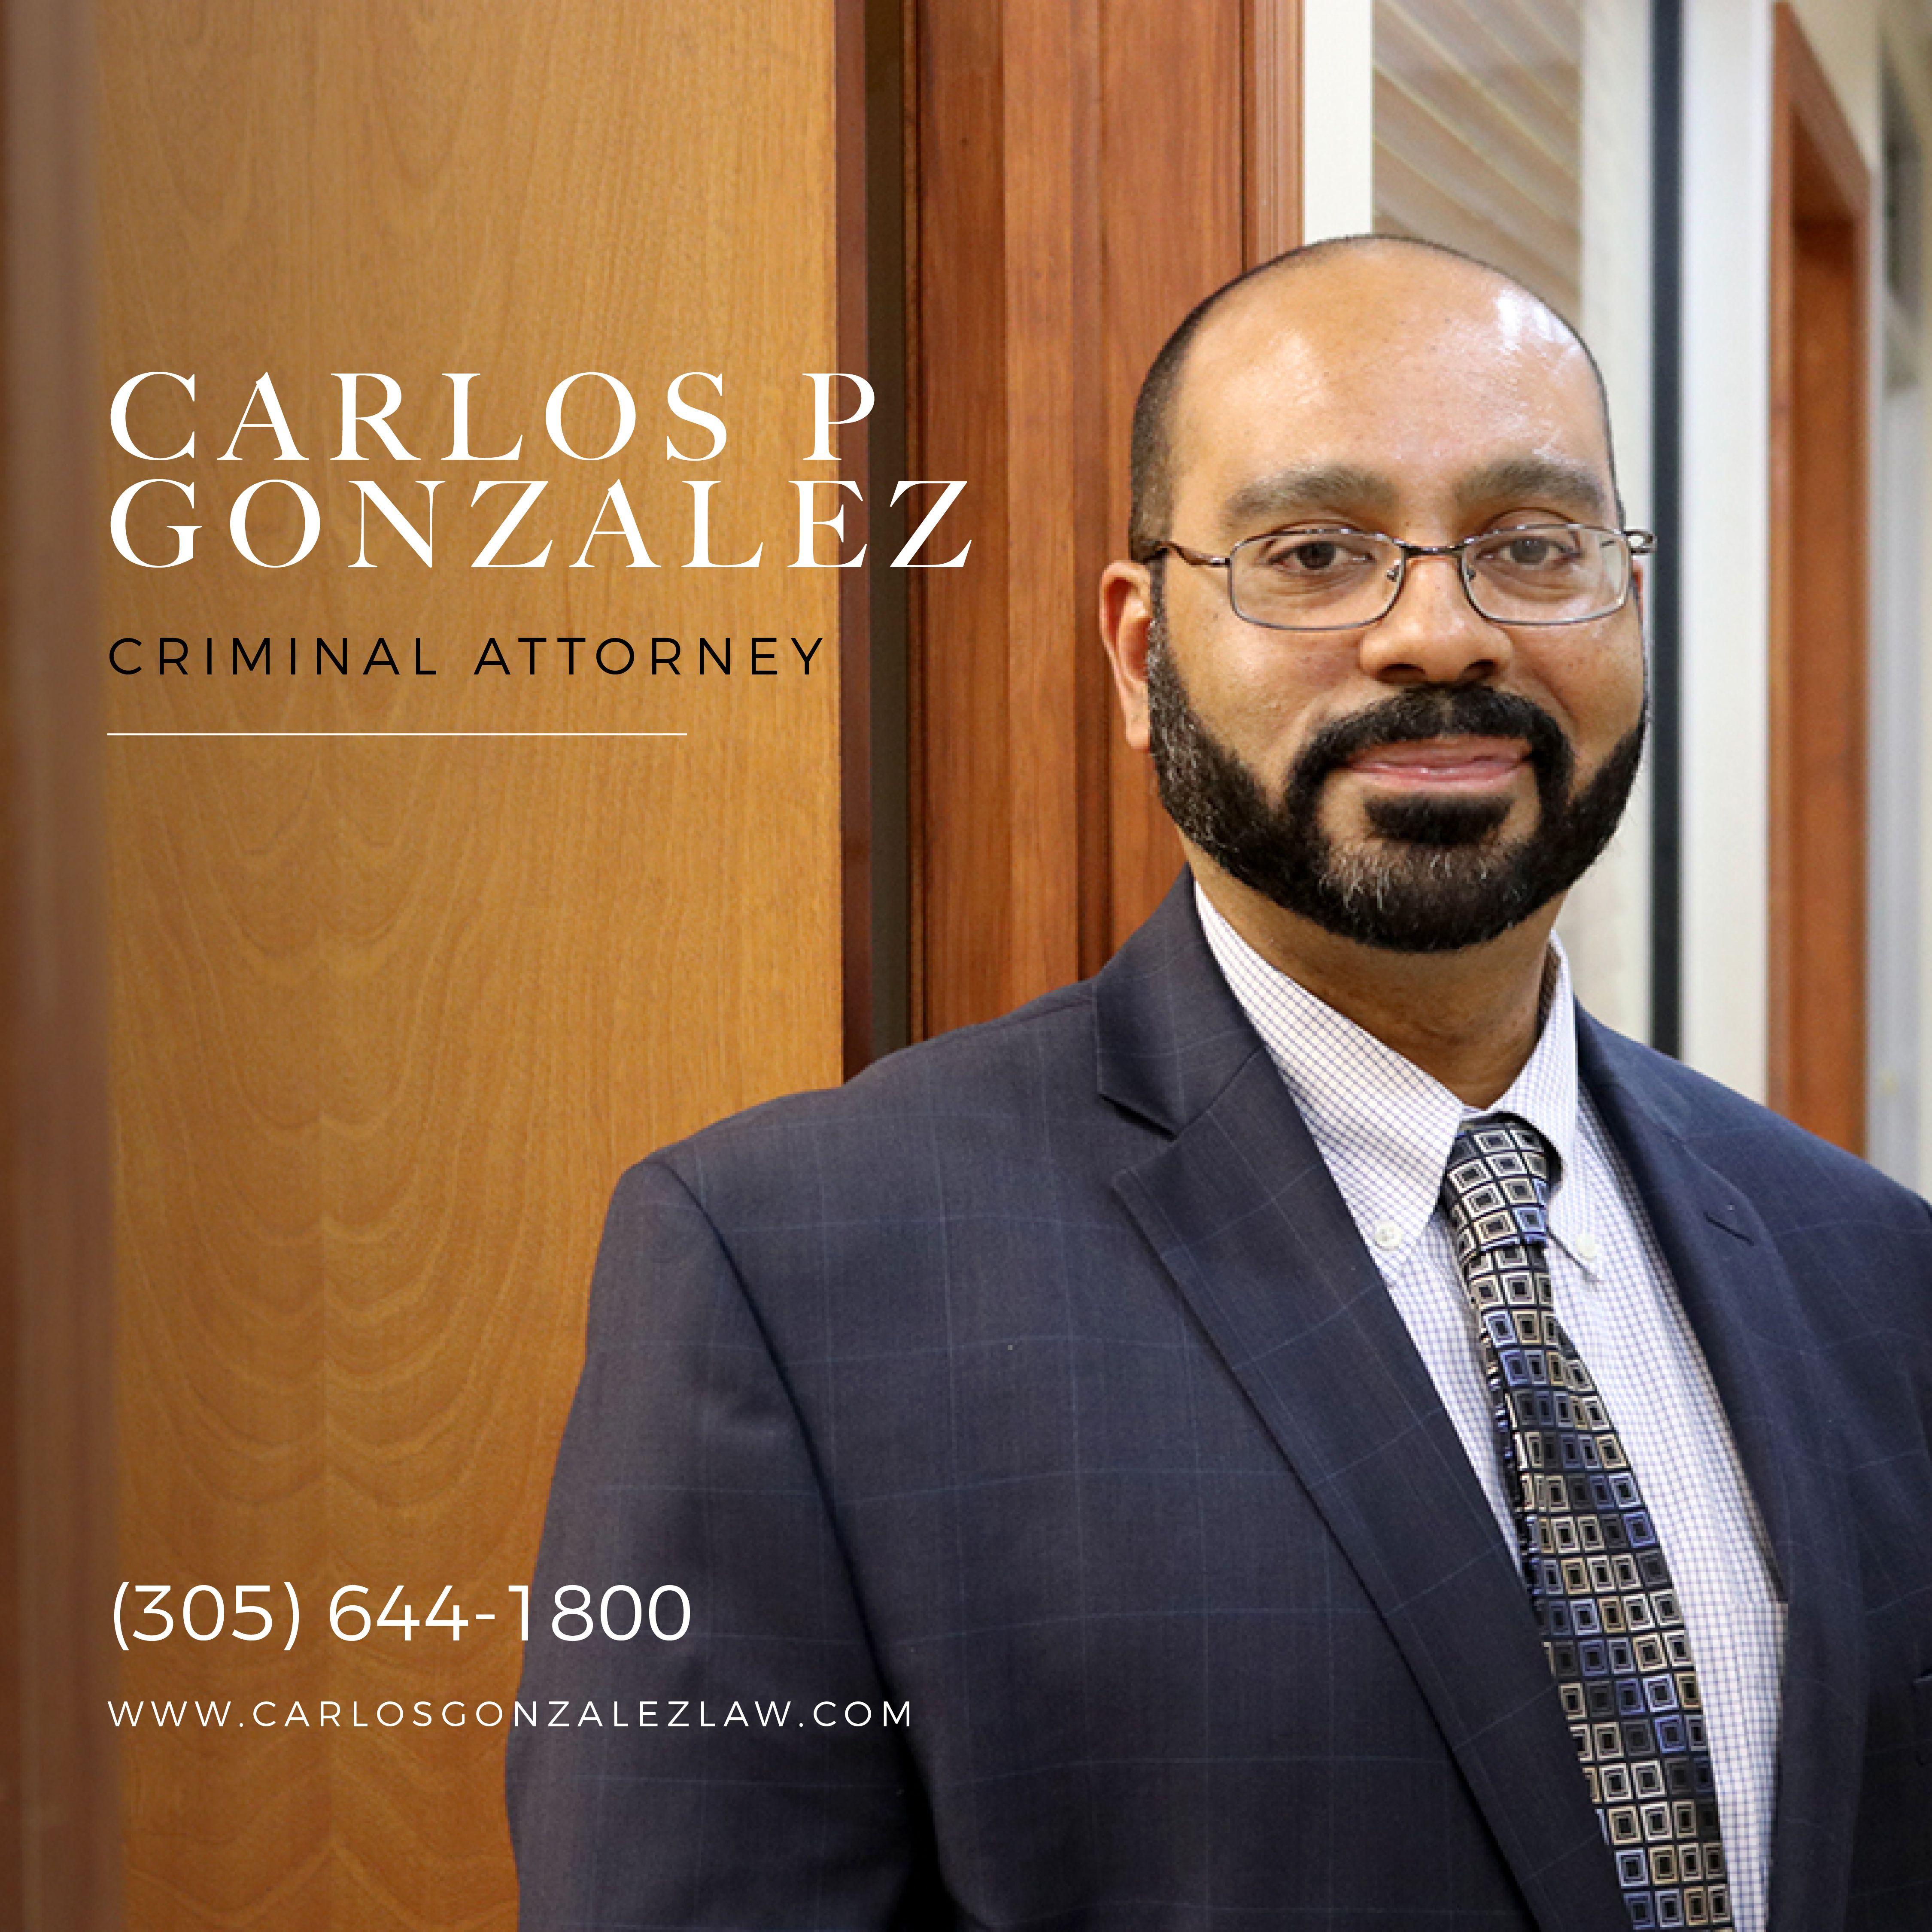 Meet Miami S Dui Attorney Carlos Gonzalez Carlos Gonzalez Law Is